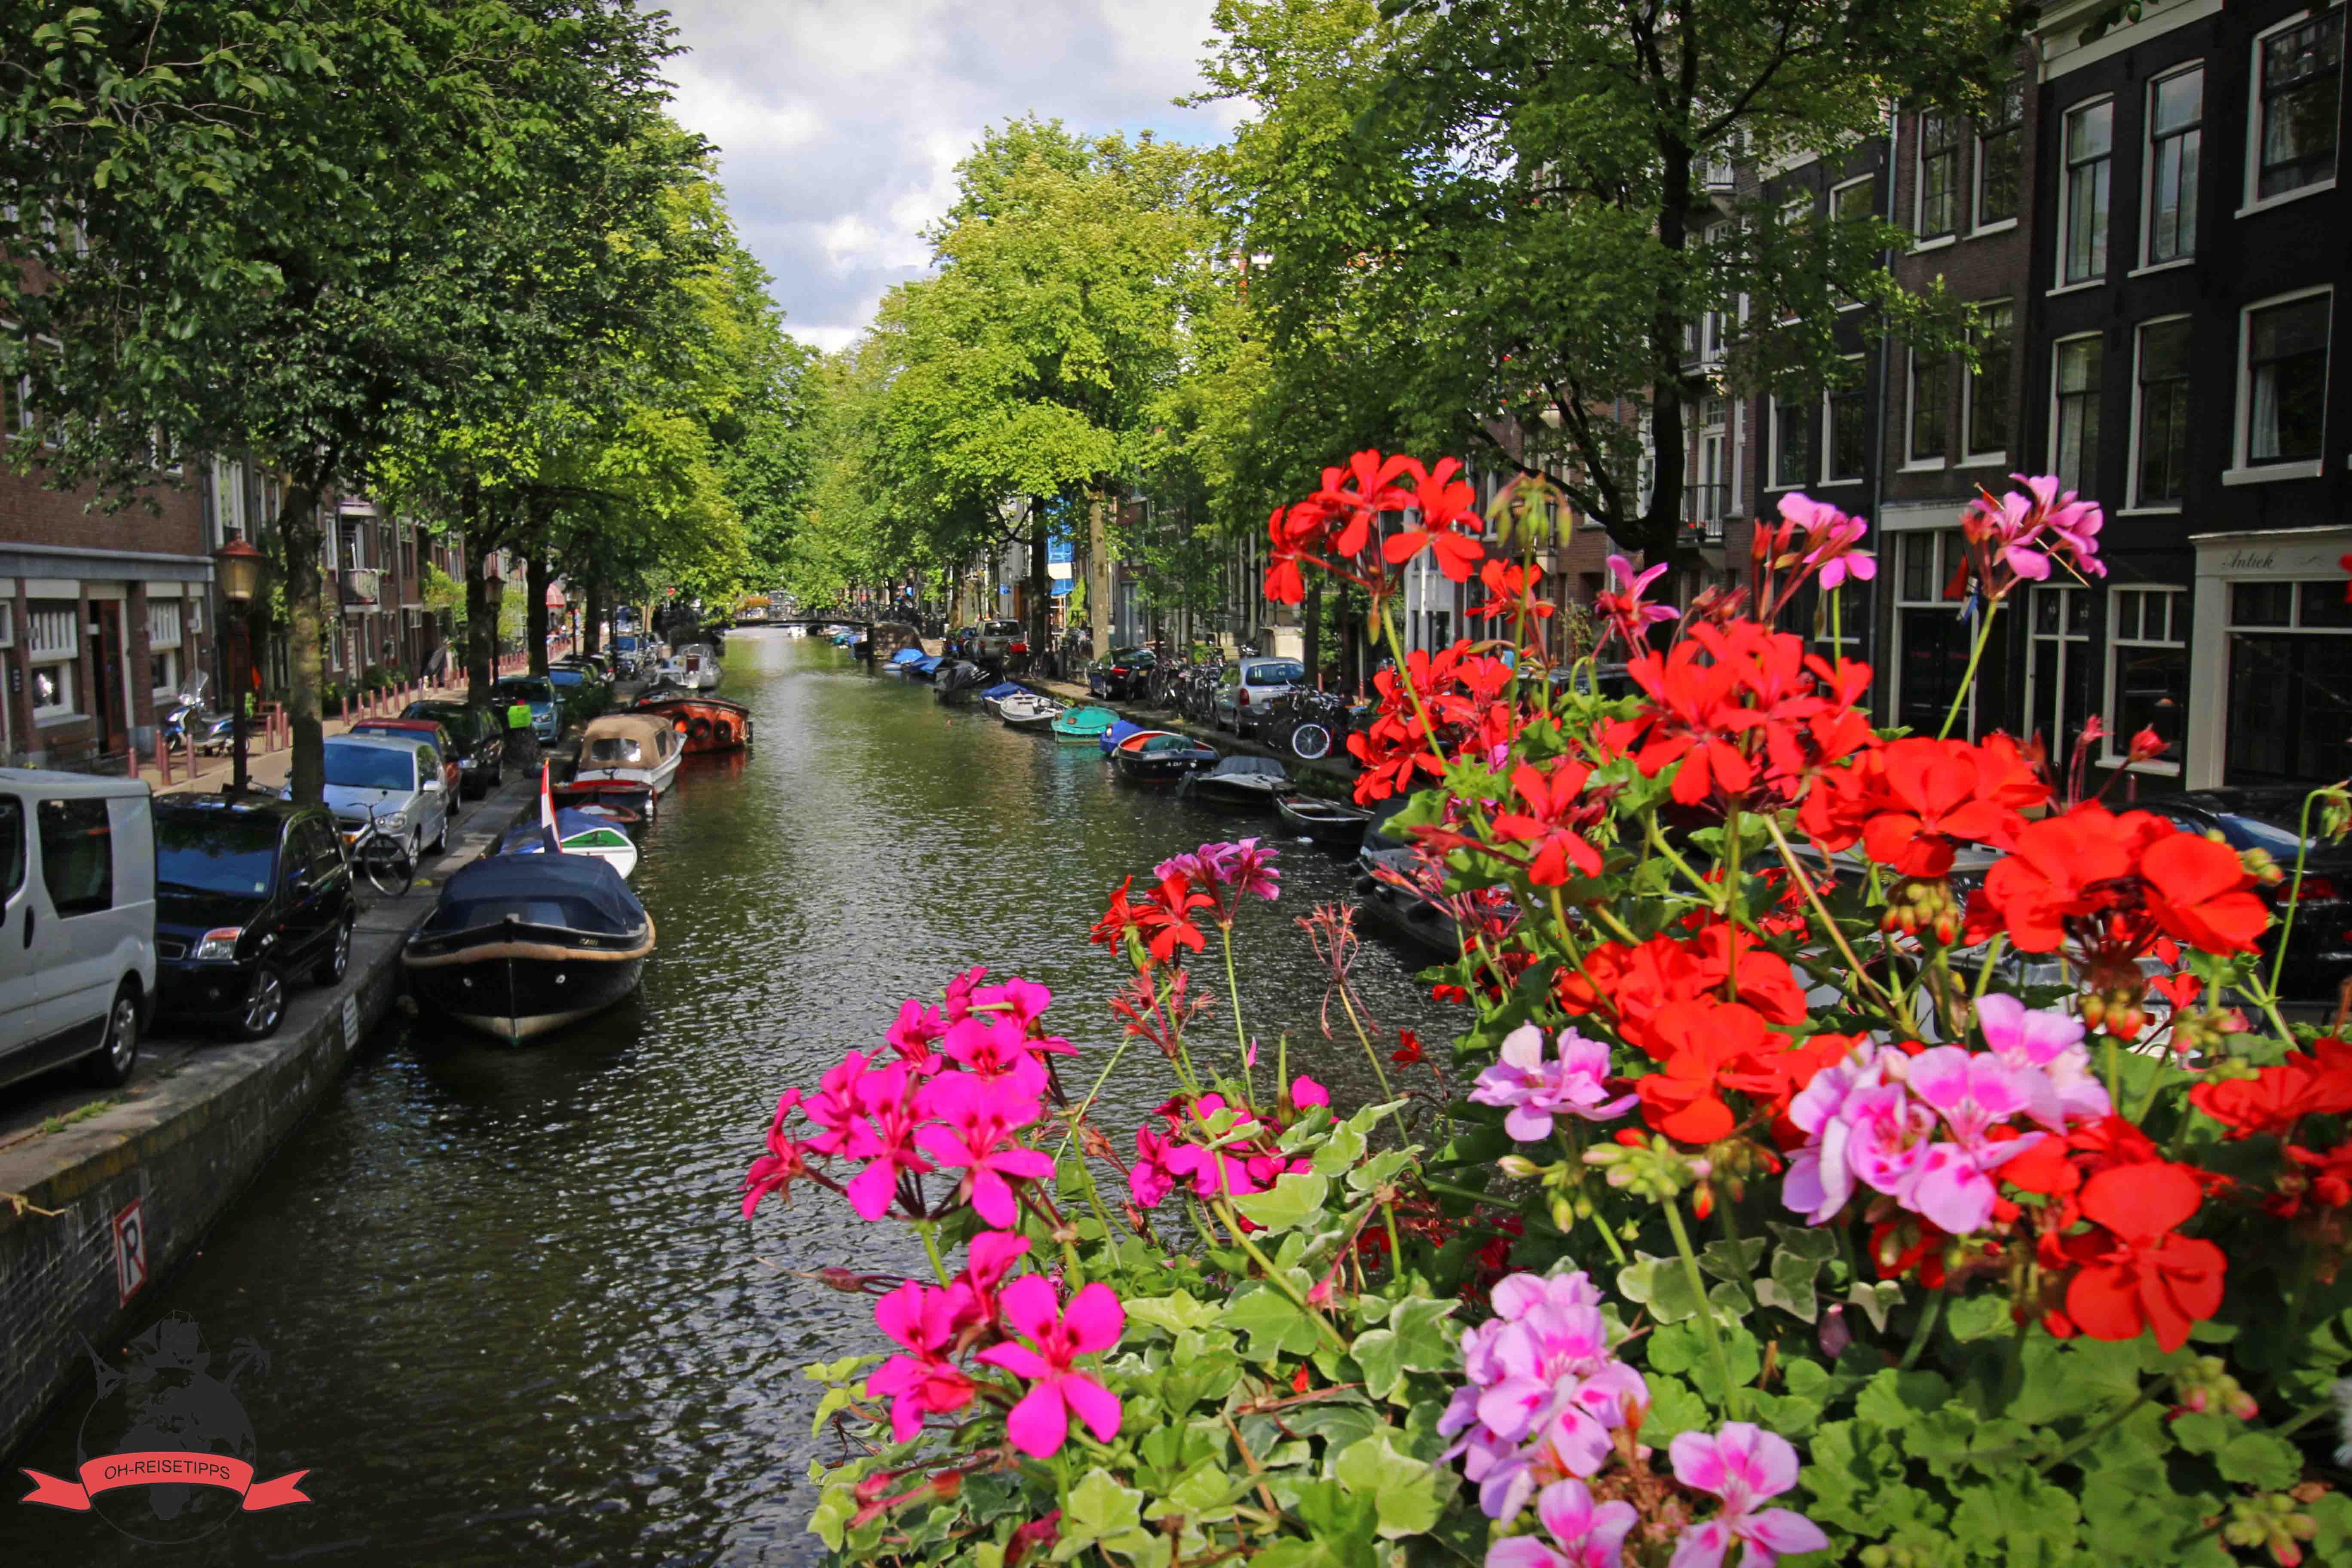 niederlande-amsterdam-grachten